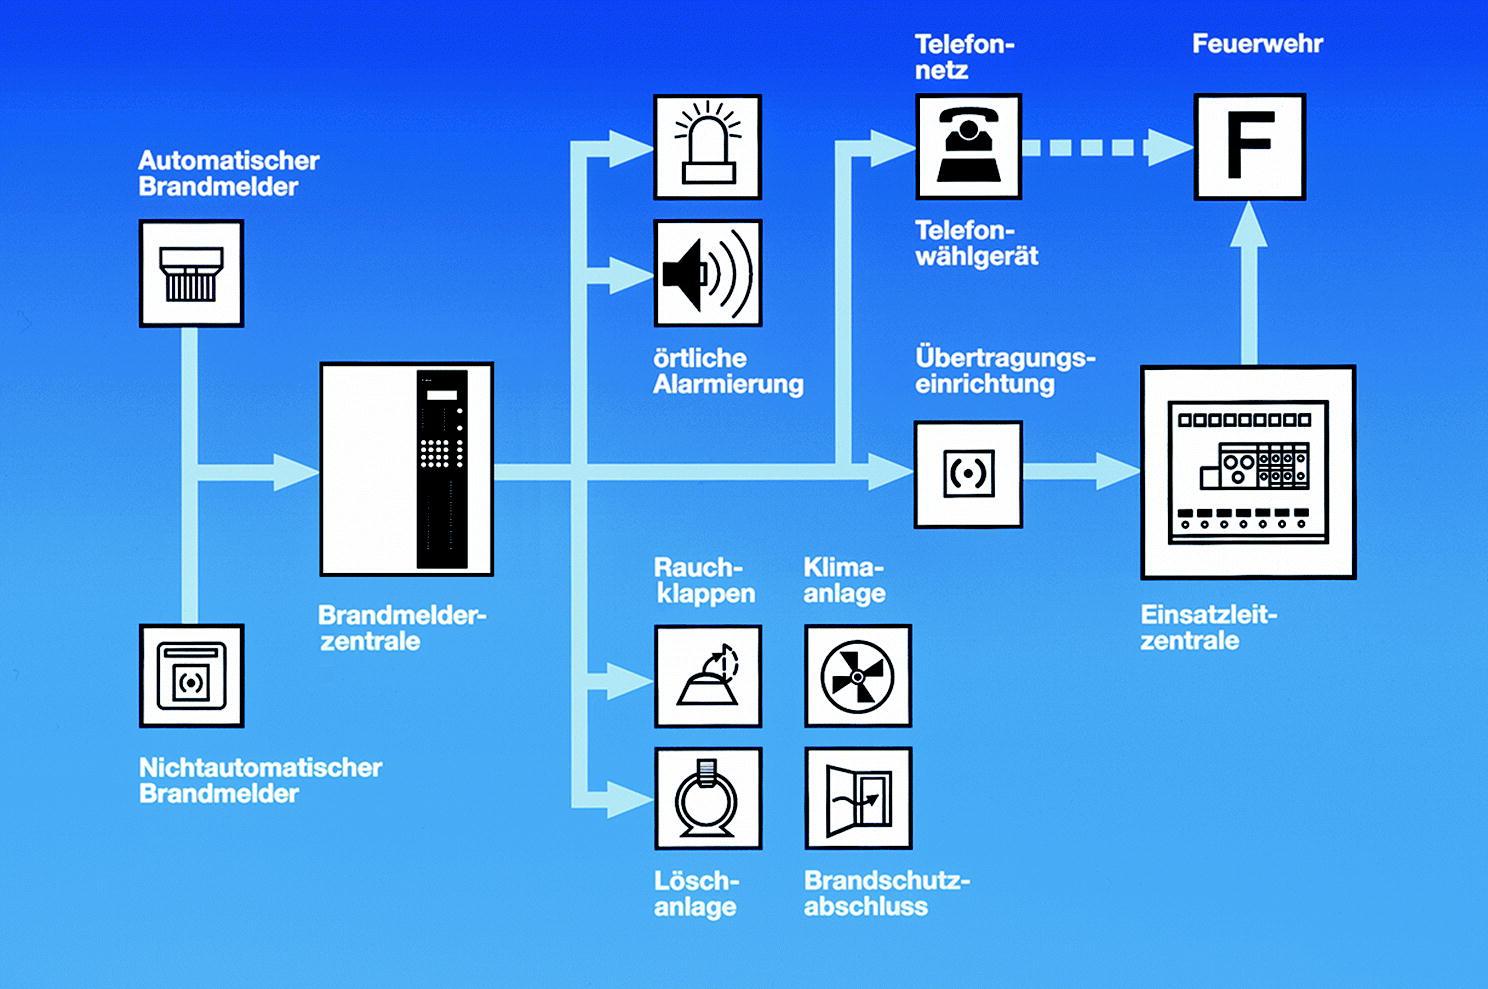 ndmeldeanlagen | SpringerLink on